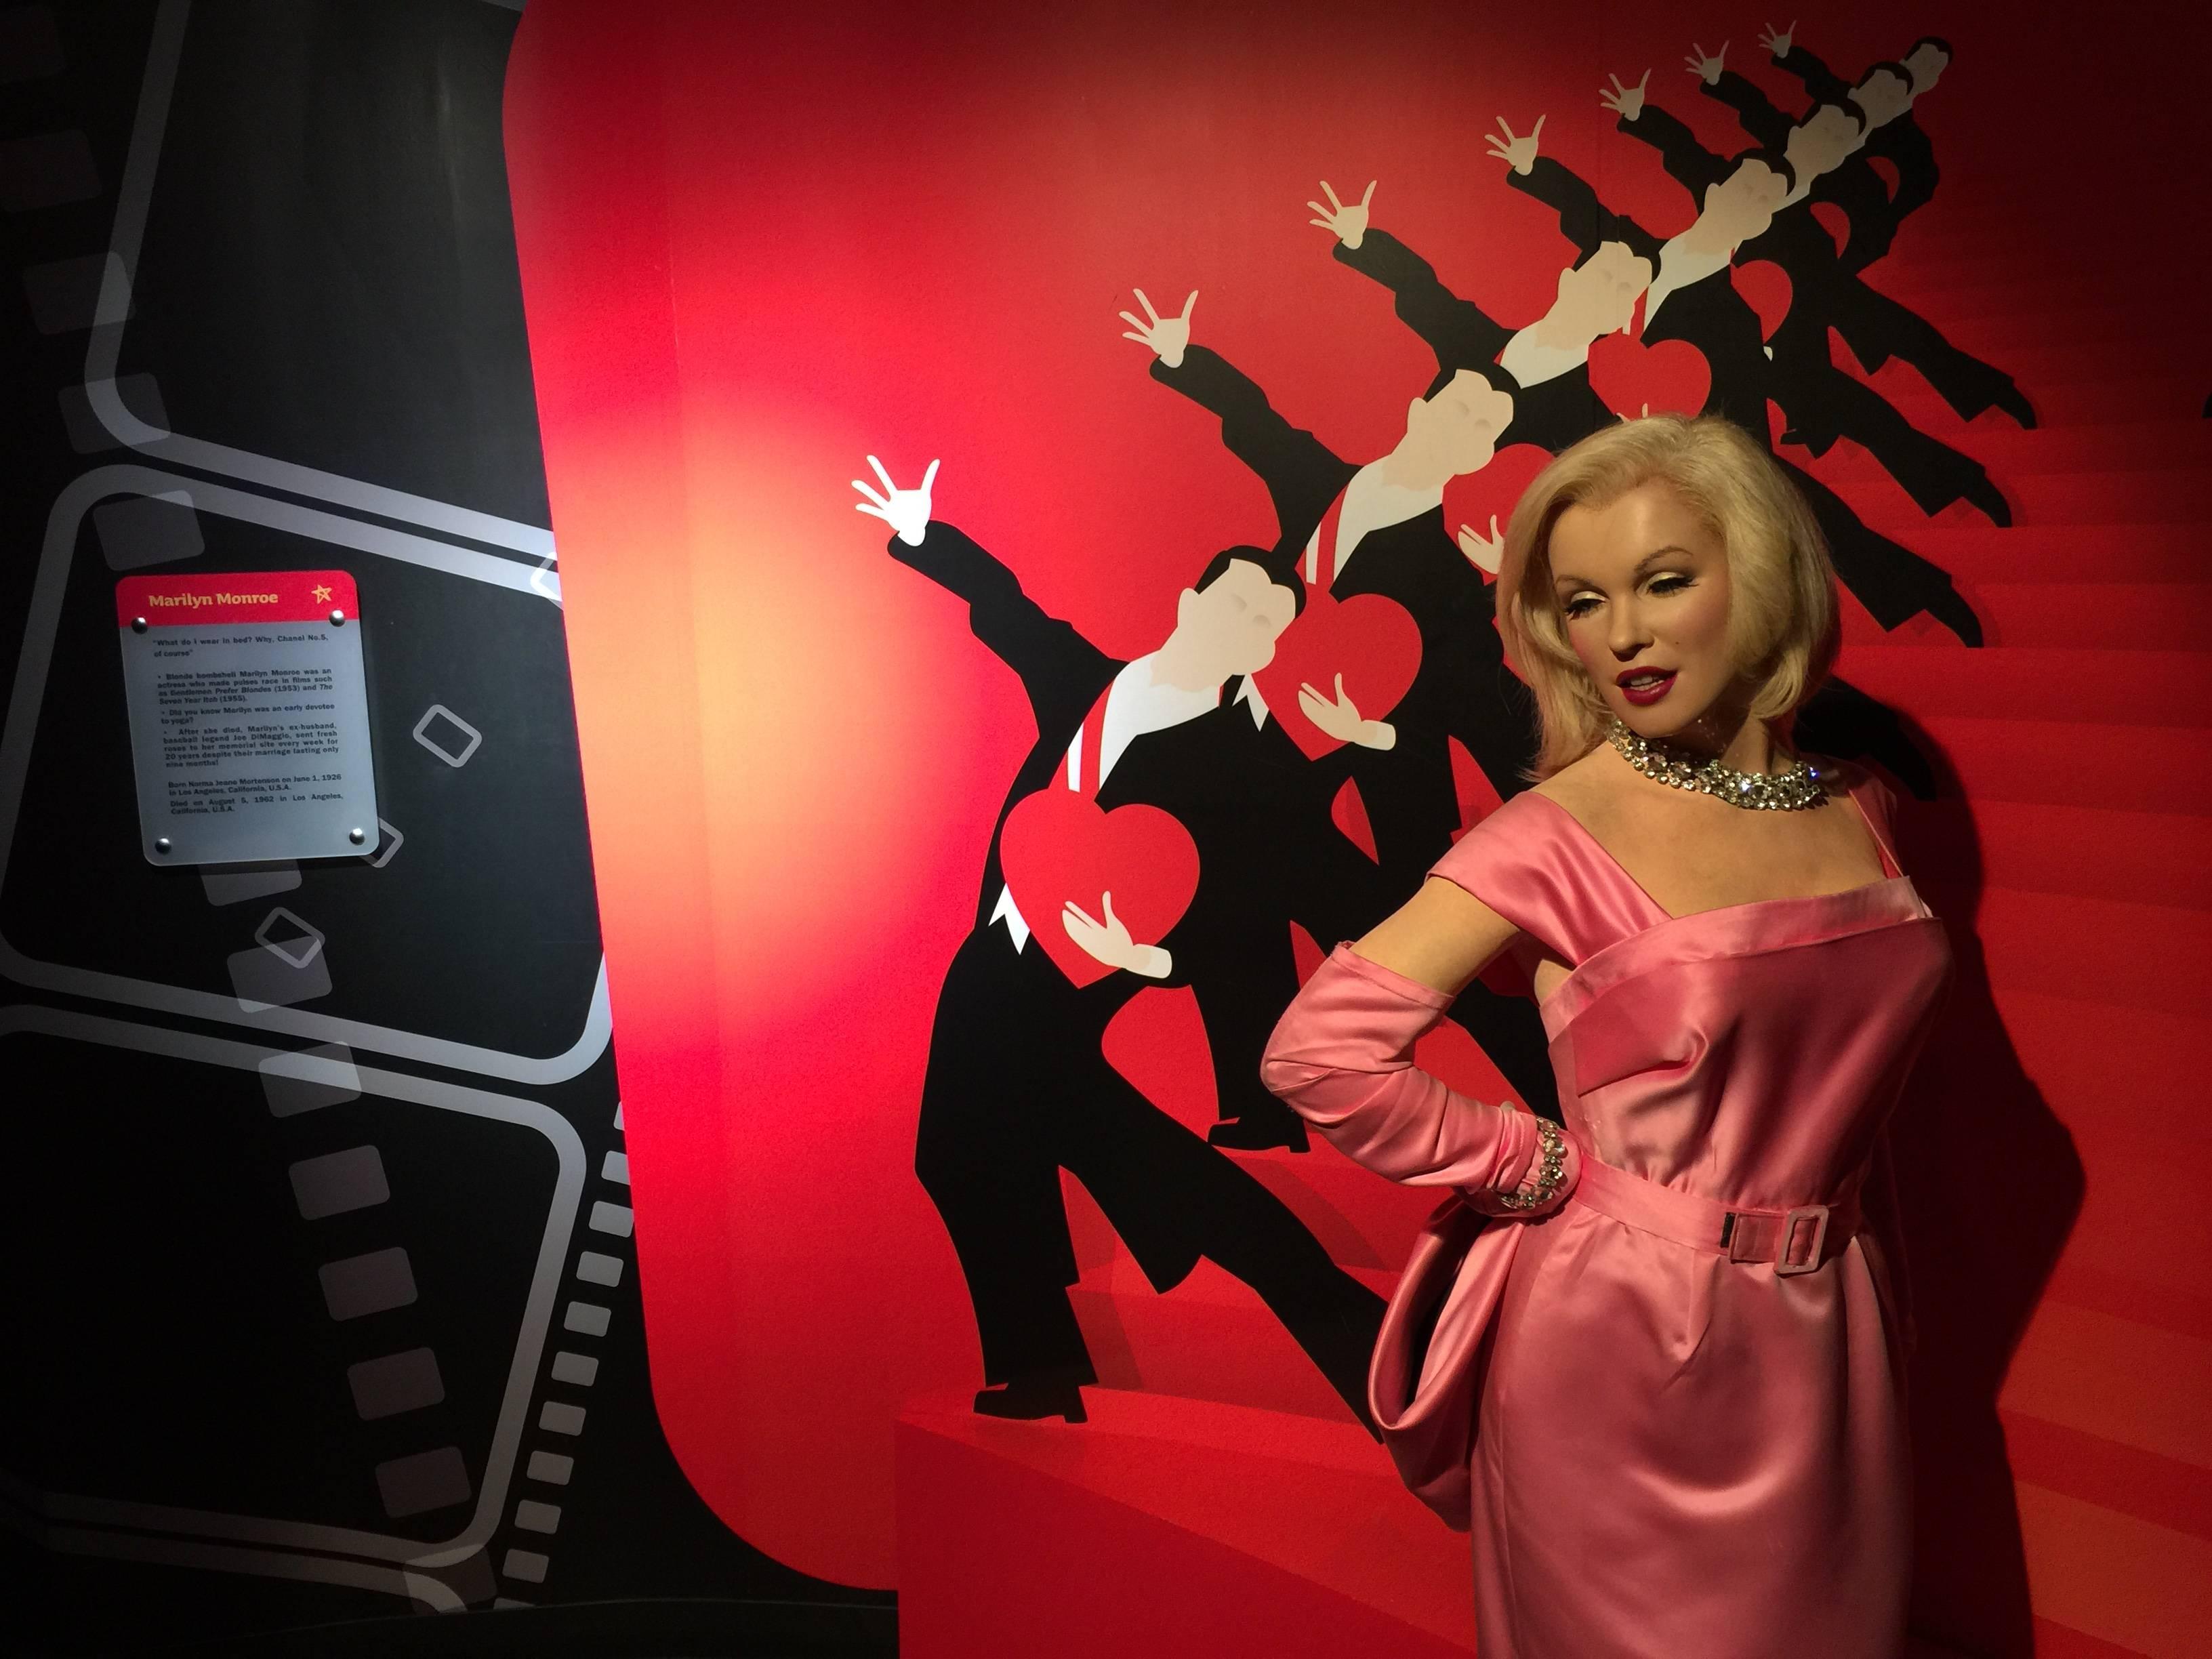 Музей восковых фигур мадам тюссо в амстердаме: время работы, стоимость билетов, экспозиция